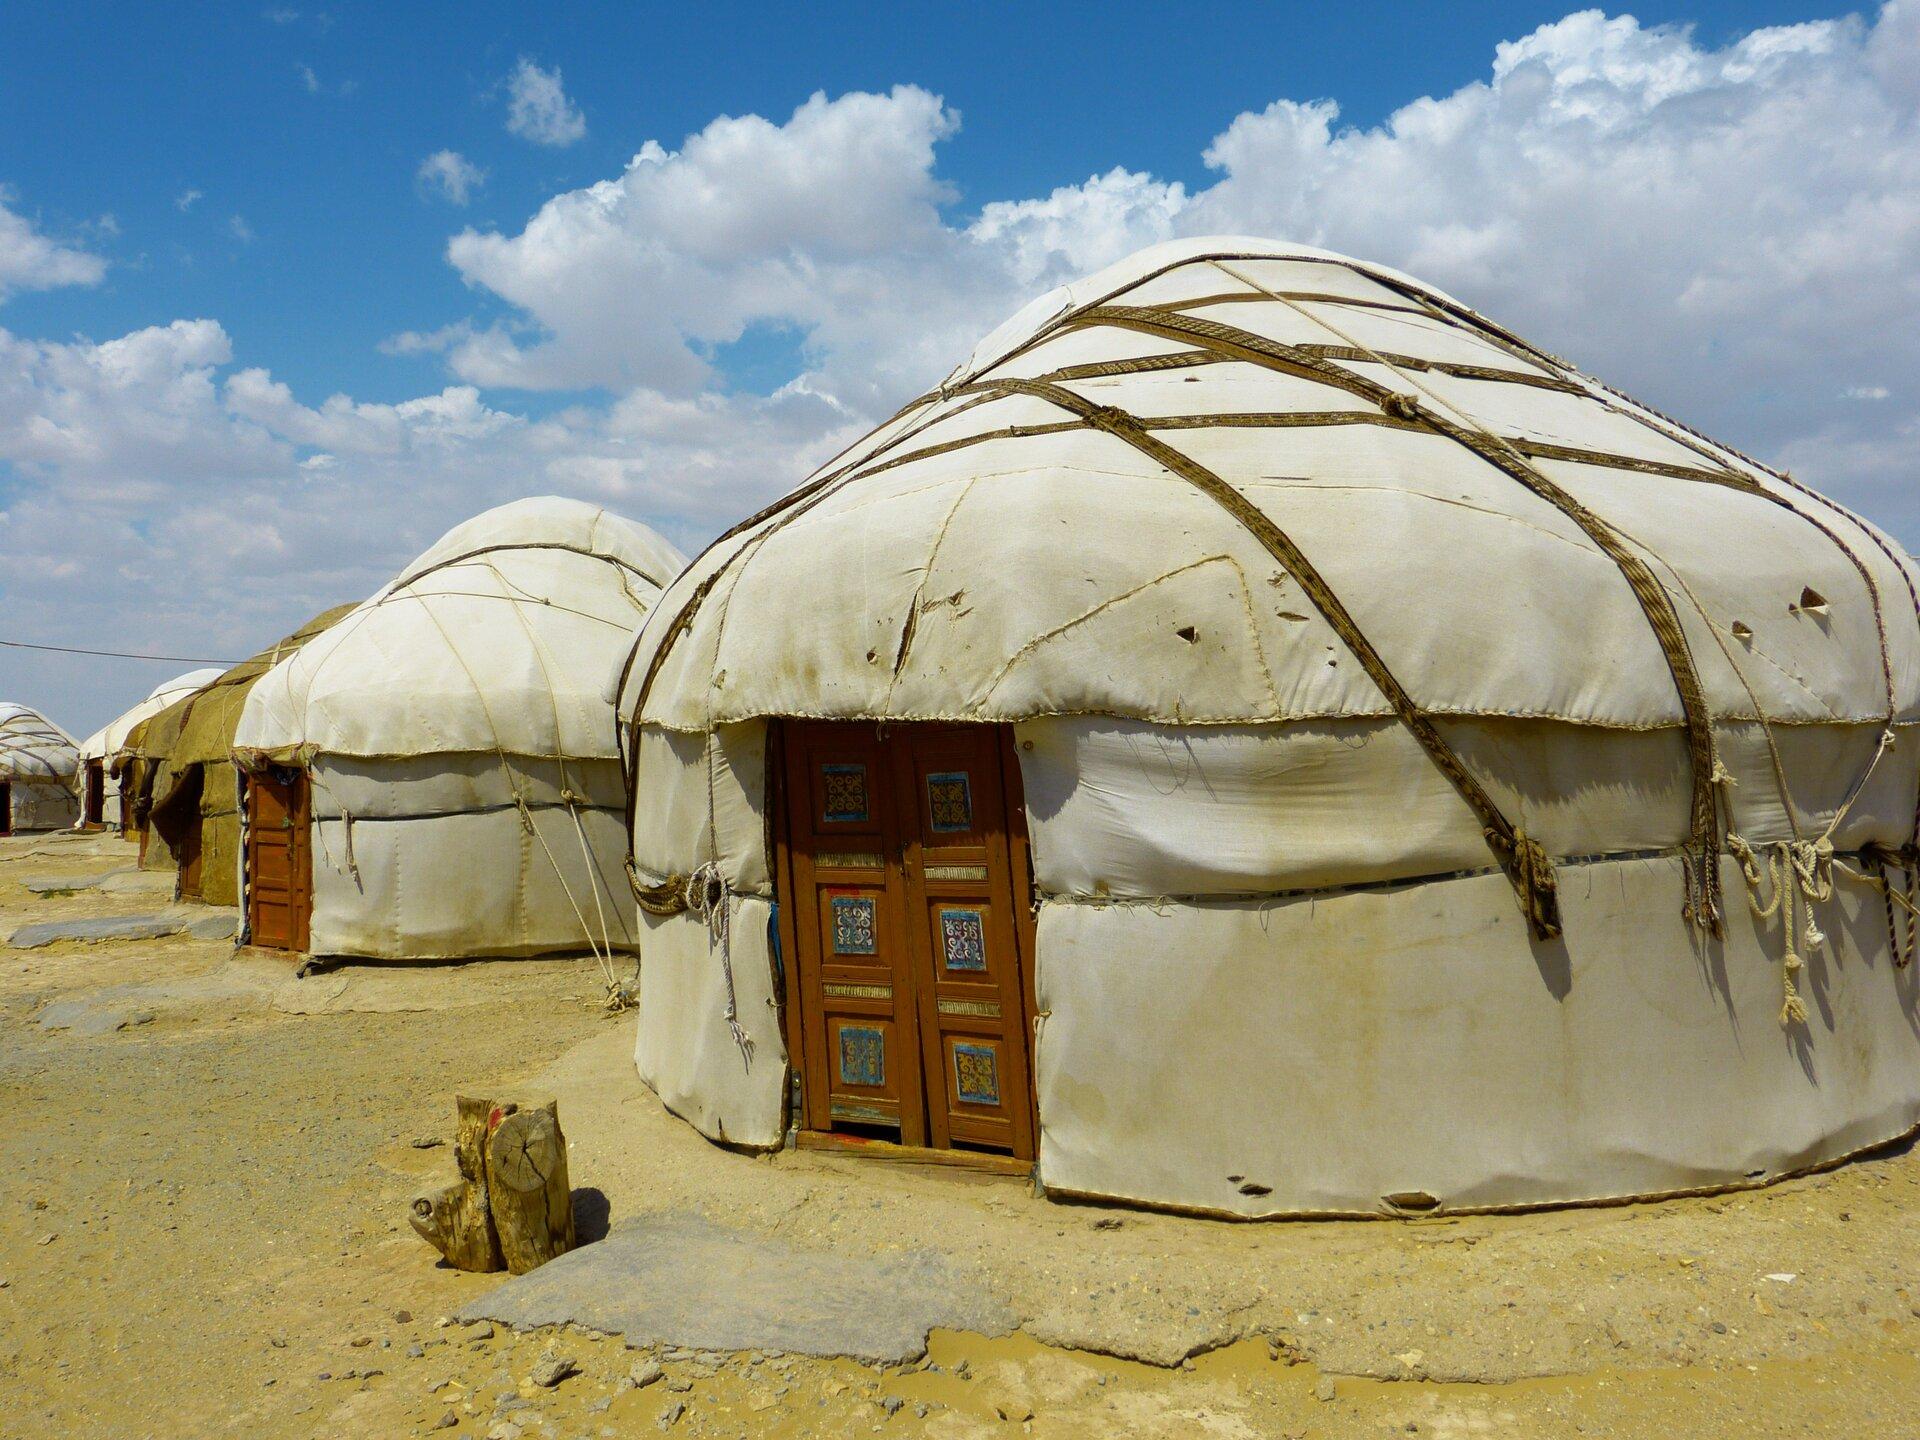 Pierwsza fotografia prezentuje domy mongolskie – jurty. Na fotografii widoczny kilka, stojących jeden za drugim, domów owalnego kształtu przykrytych grubym, białym filcem. Domy mają dach wkształcie kopuły utrzymywany przerzuconymi przez niego sznurami. Od południa każdy dom posiada drewniane ozdobne drzwi.